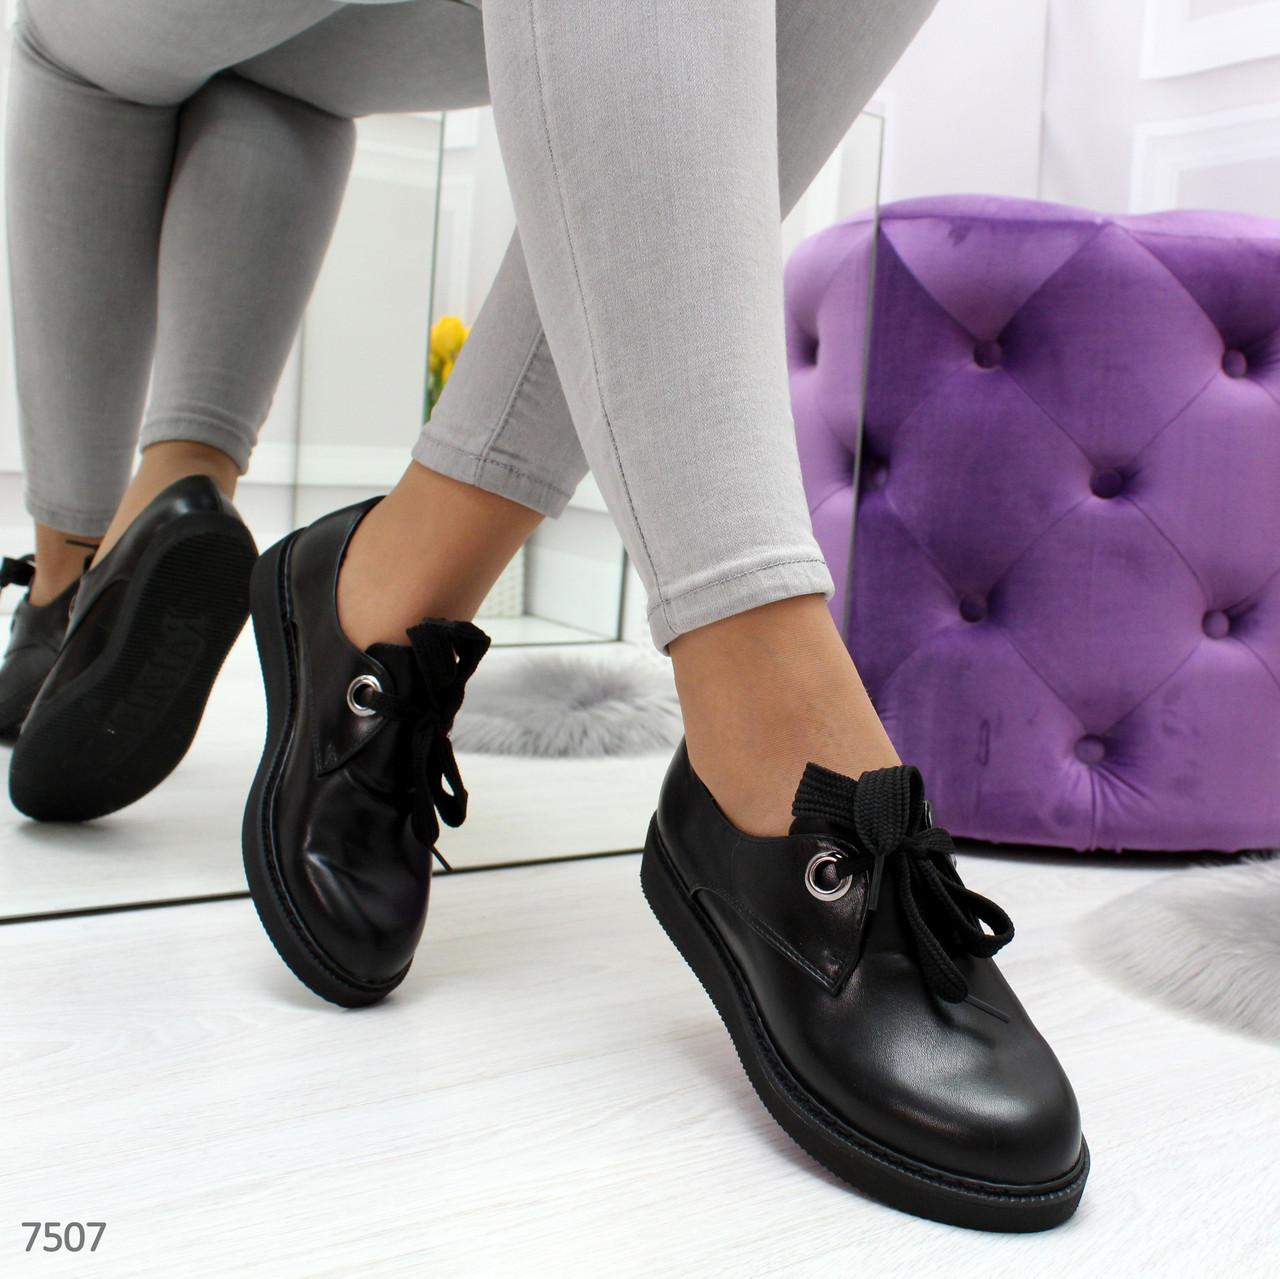 Повседневные черные кожаные женские туфли ботинки низкий ход